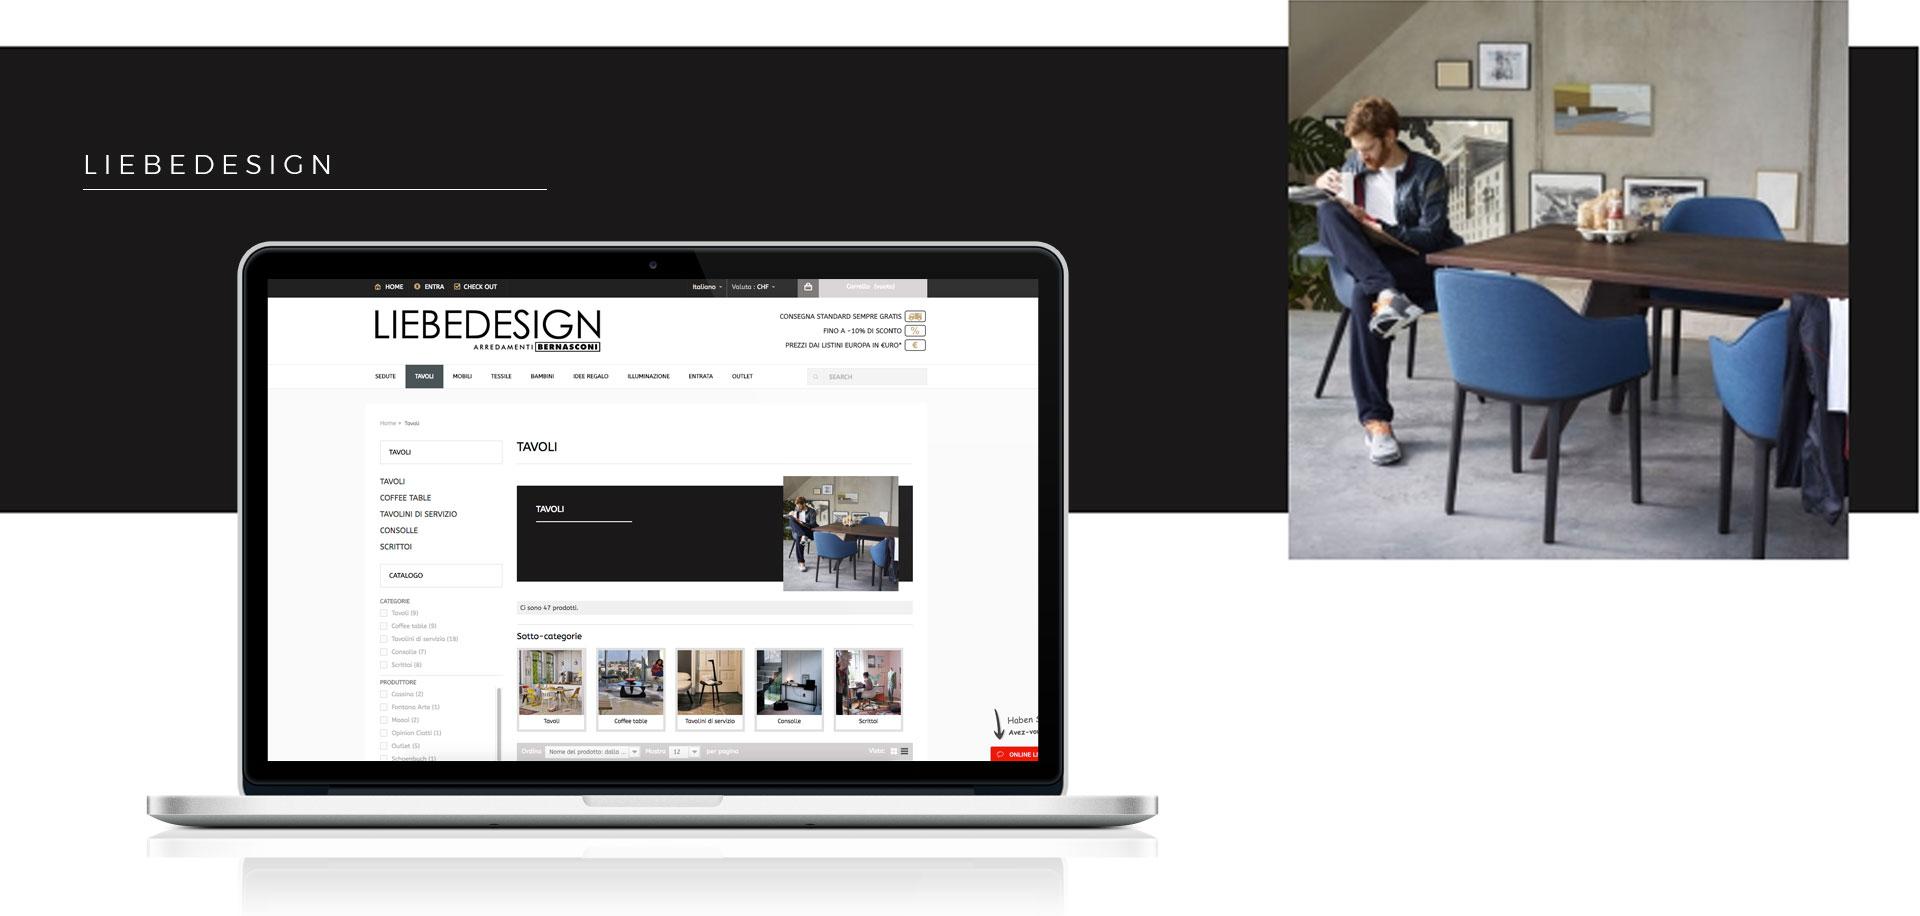 GSite pagina prodotti Liebedesign